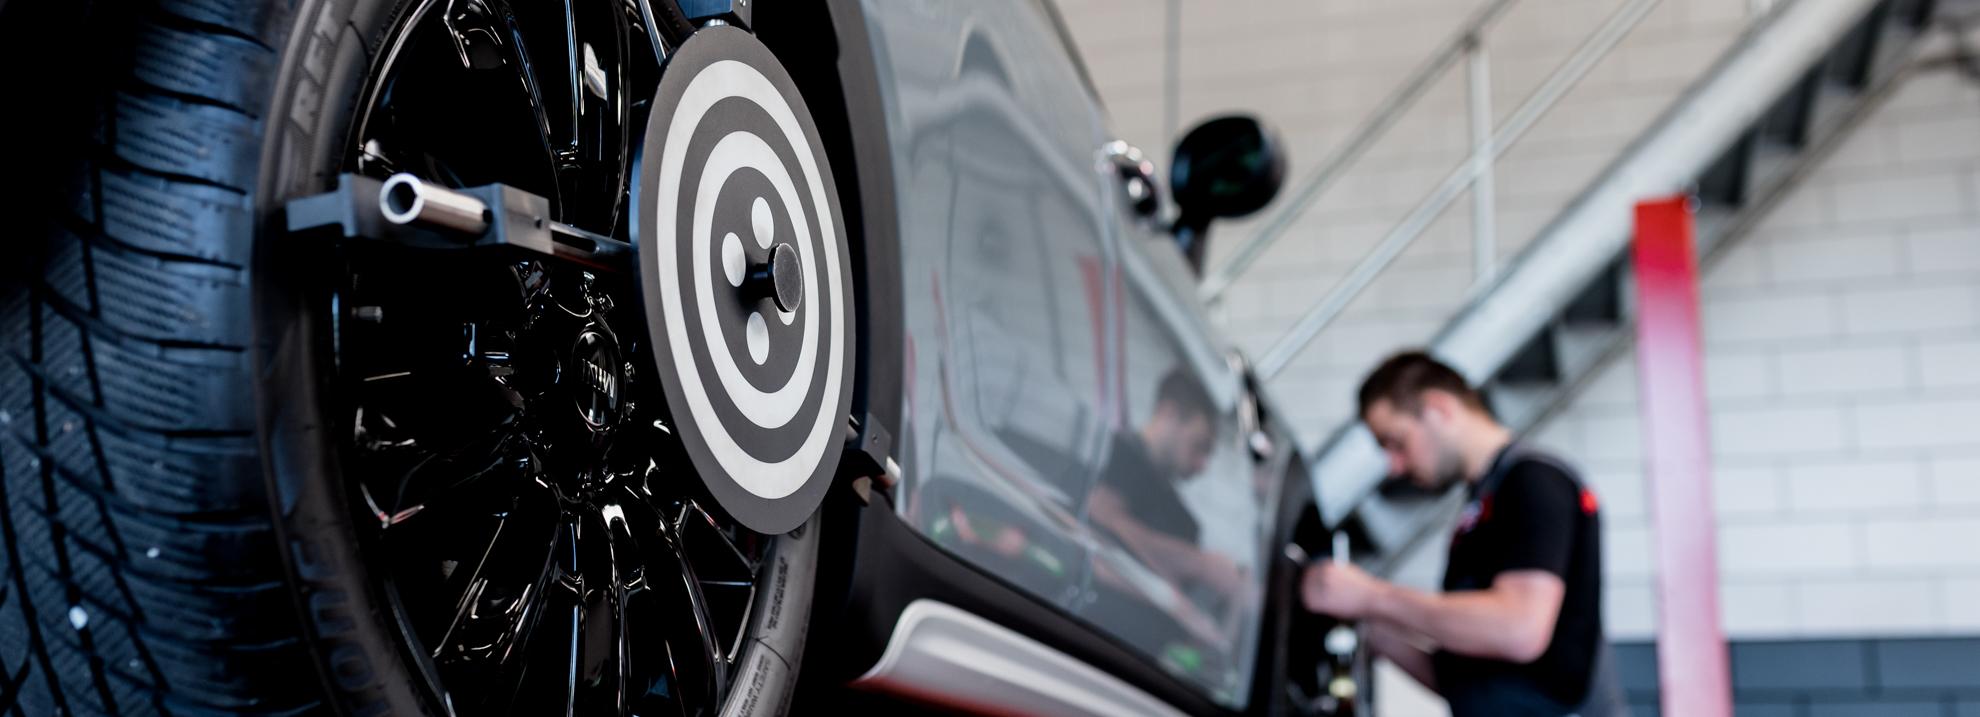 Banden wisselen banden uitlijnen autobedrijf Okken